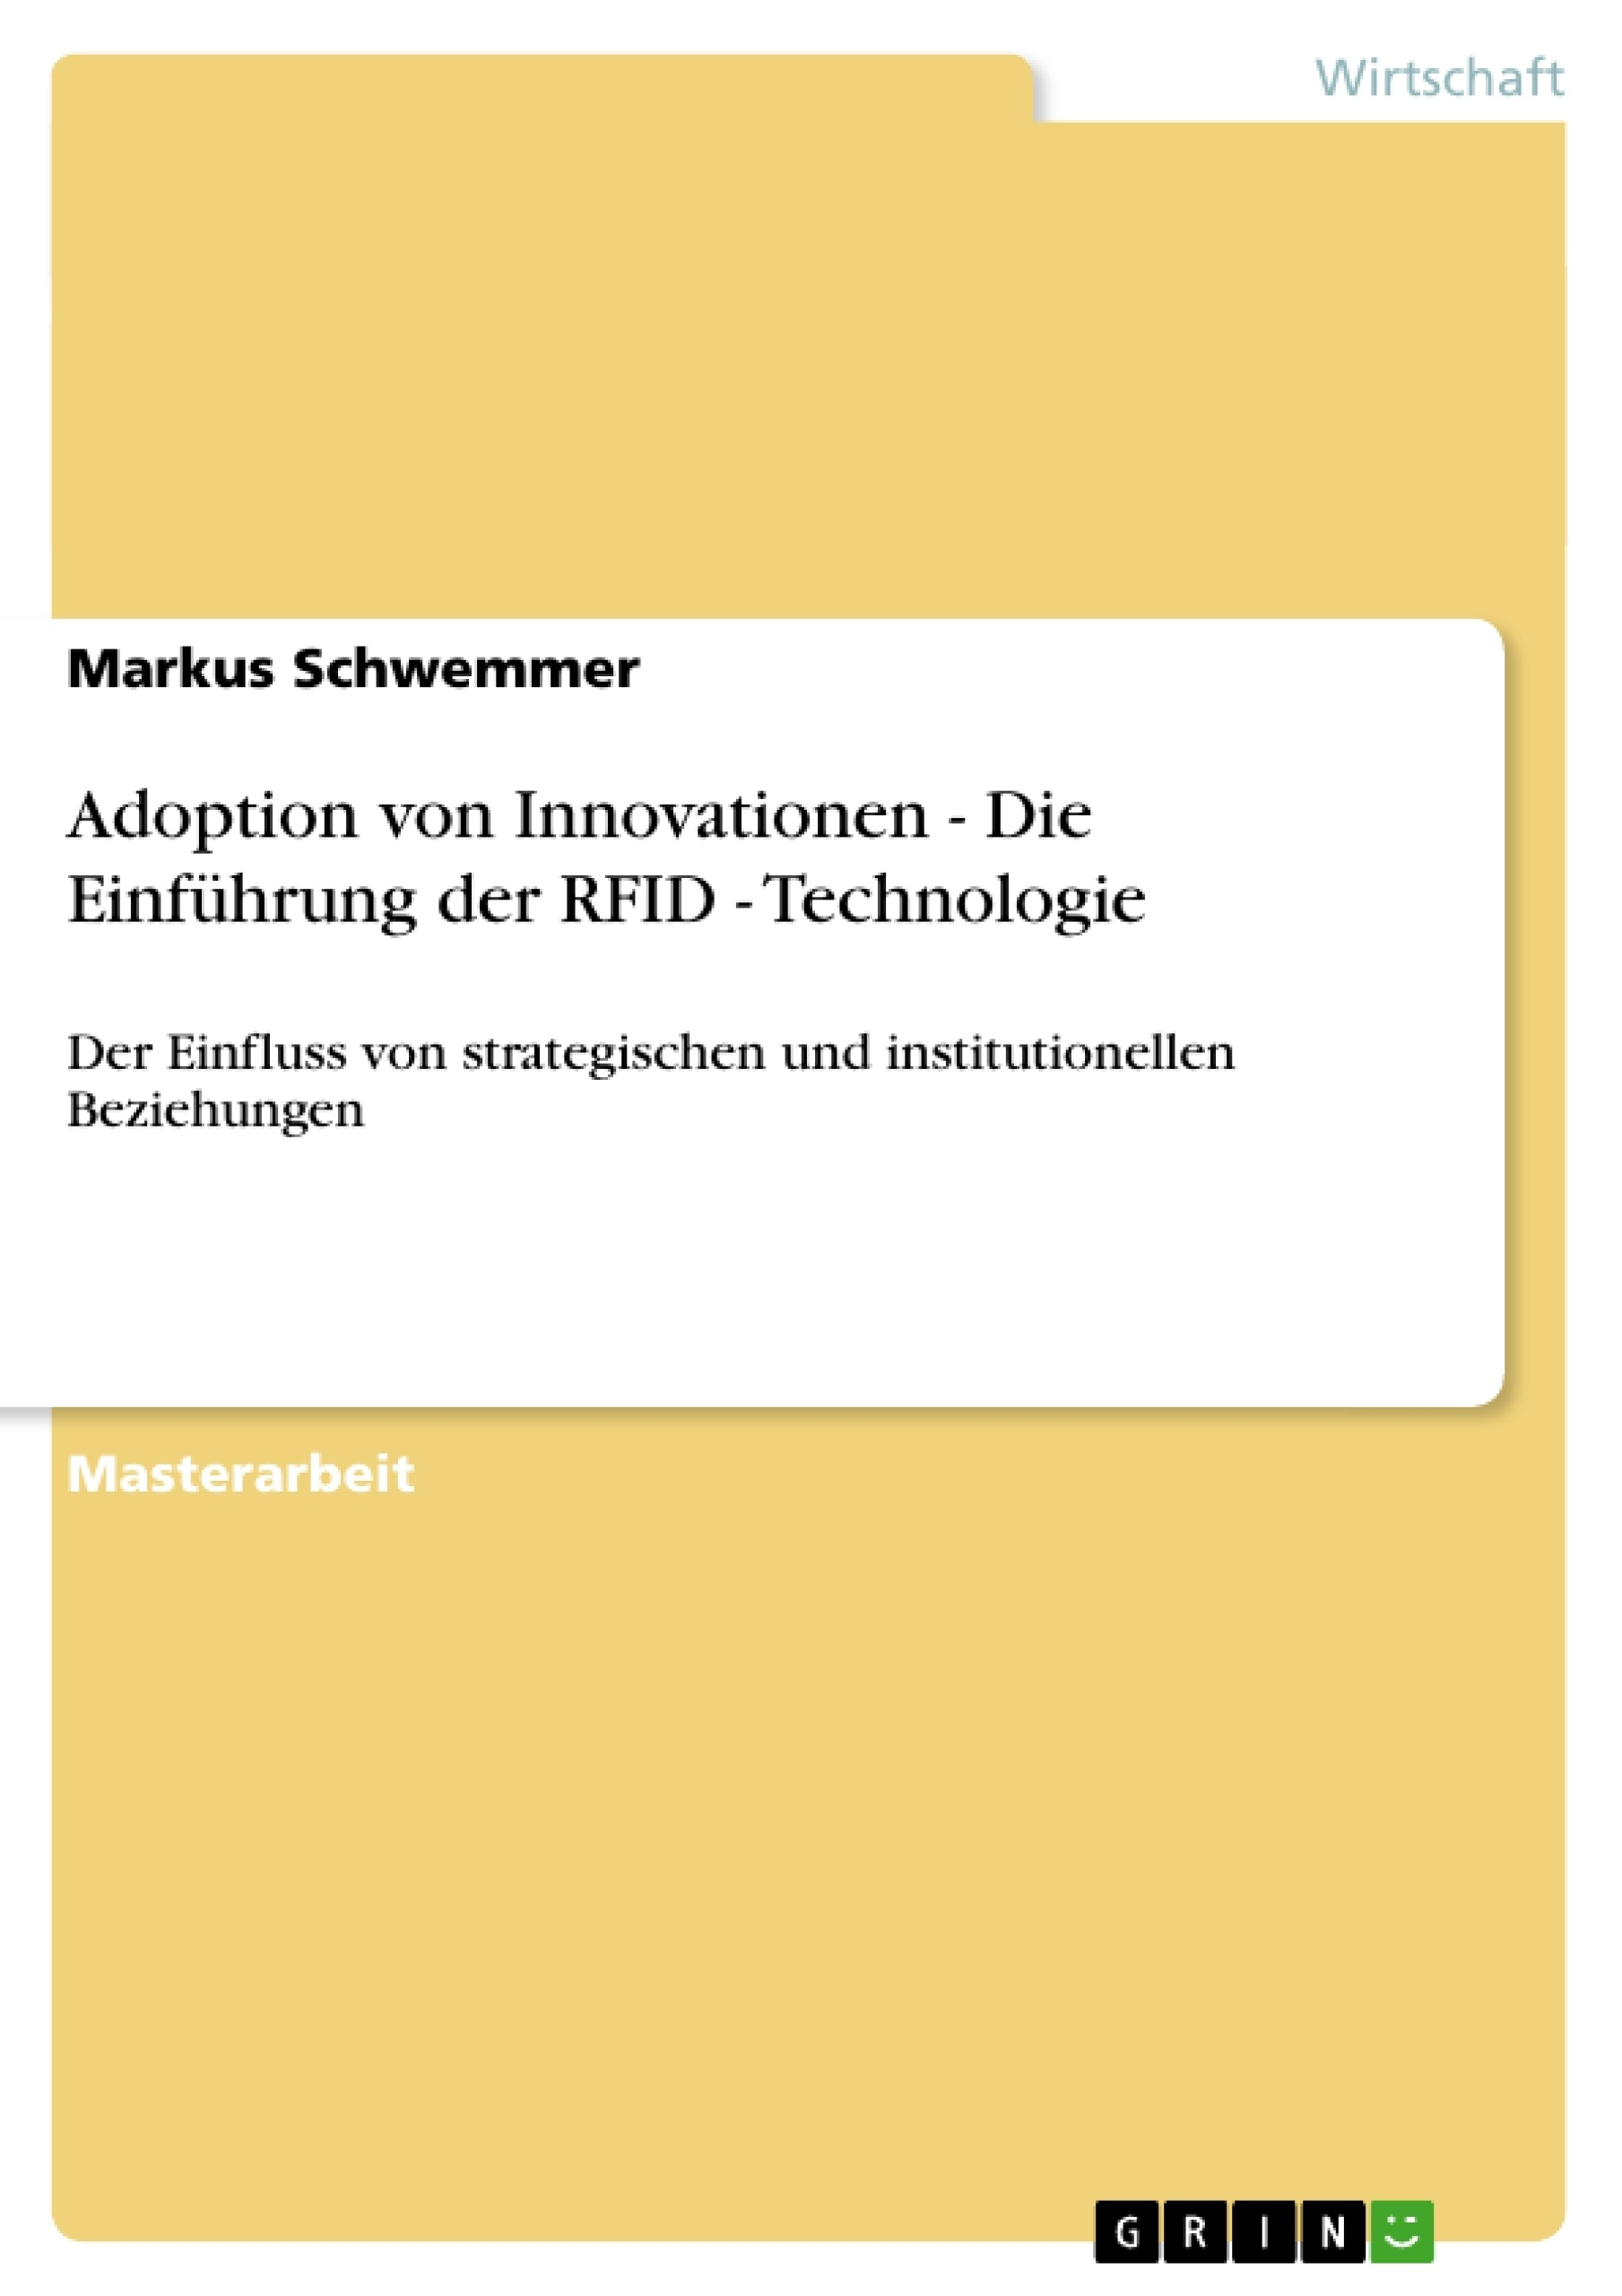 Titel: Adoption von Innovationen - Die Einführung der RFID - Technologie